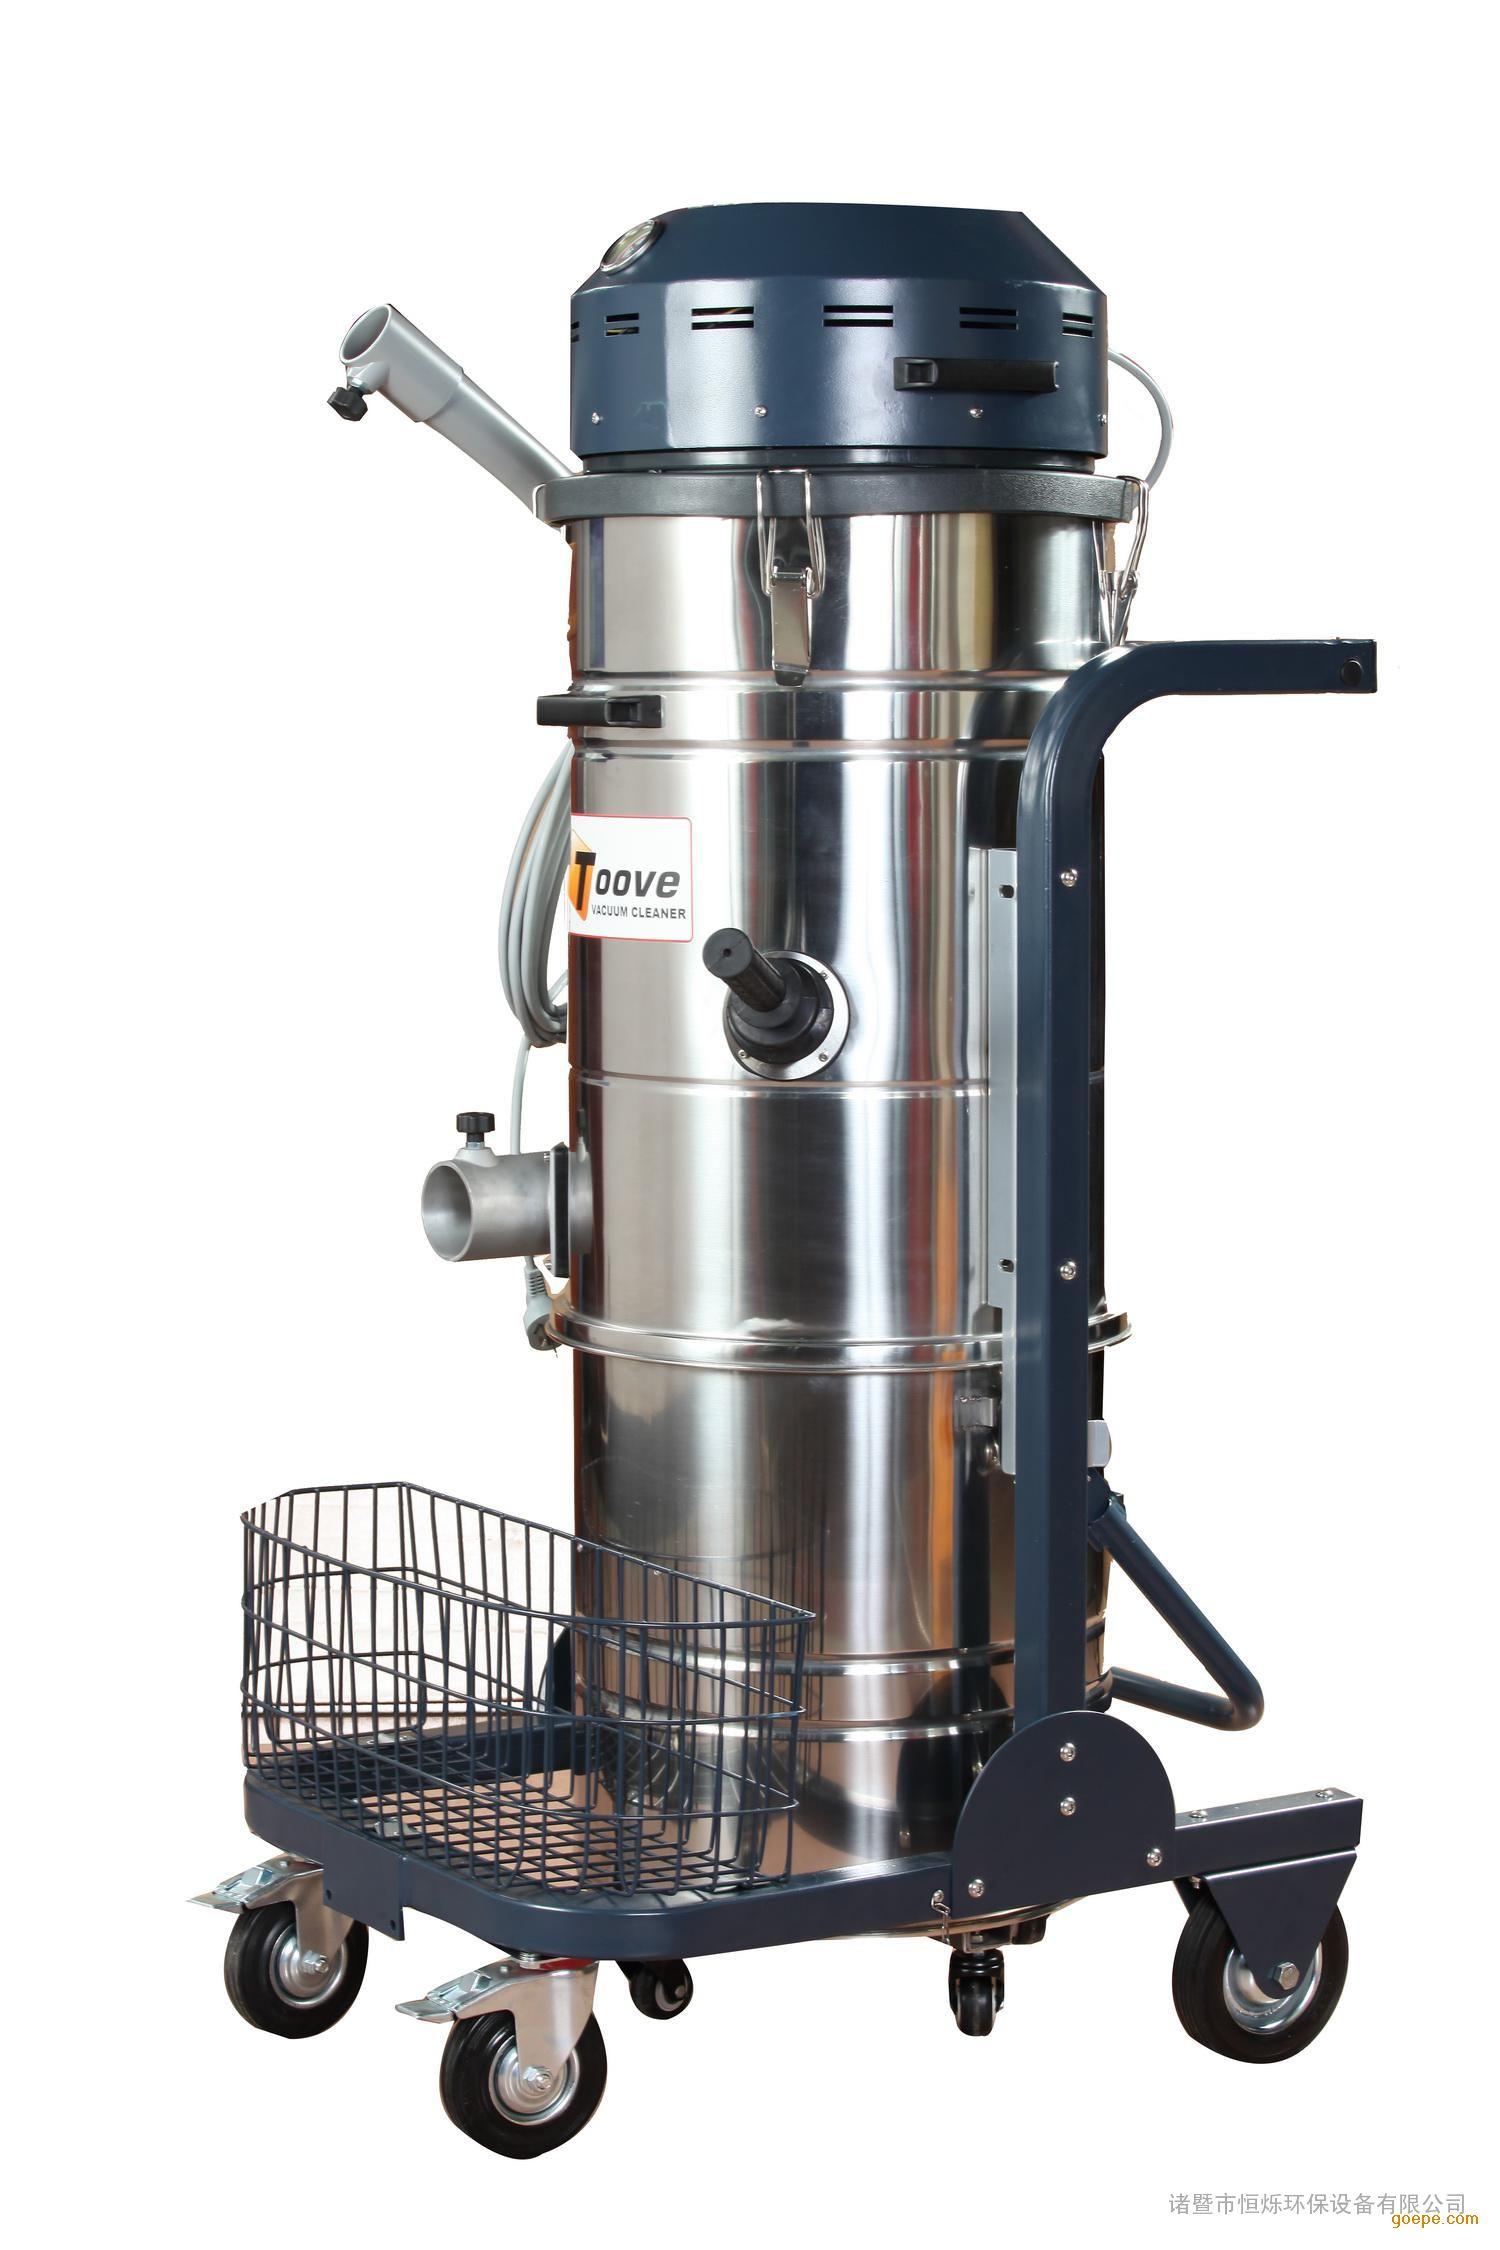 机械配套大功率吸尘器/拓威克环保设备/诸暨恒烁吸尘设备